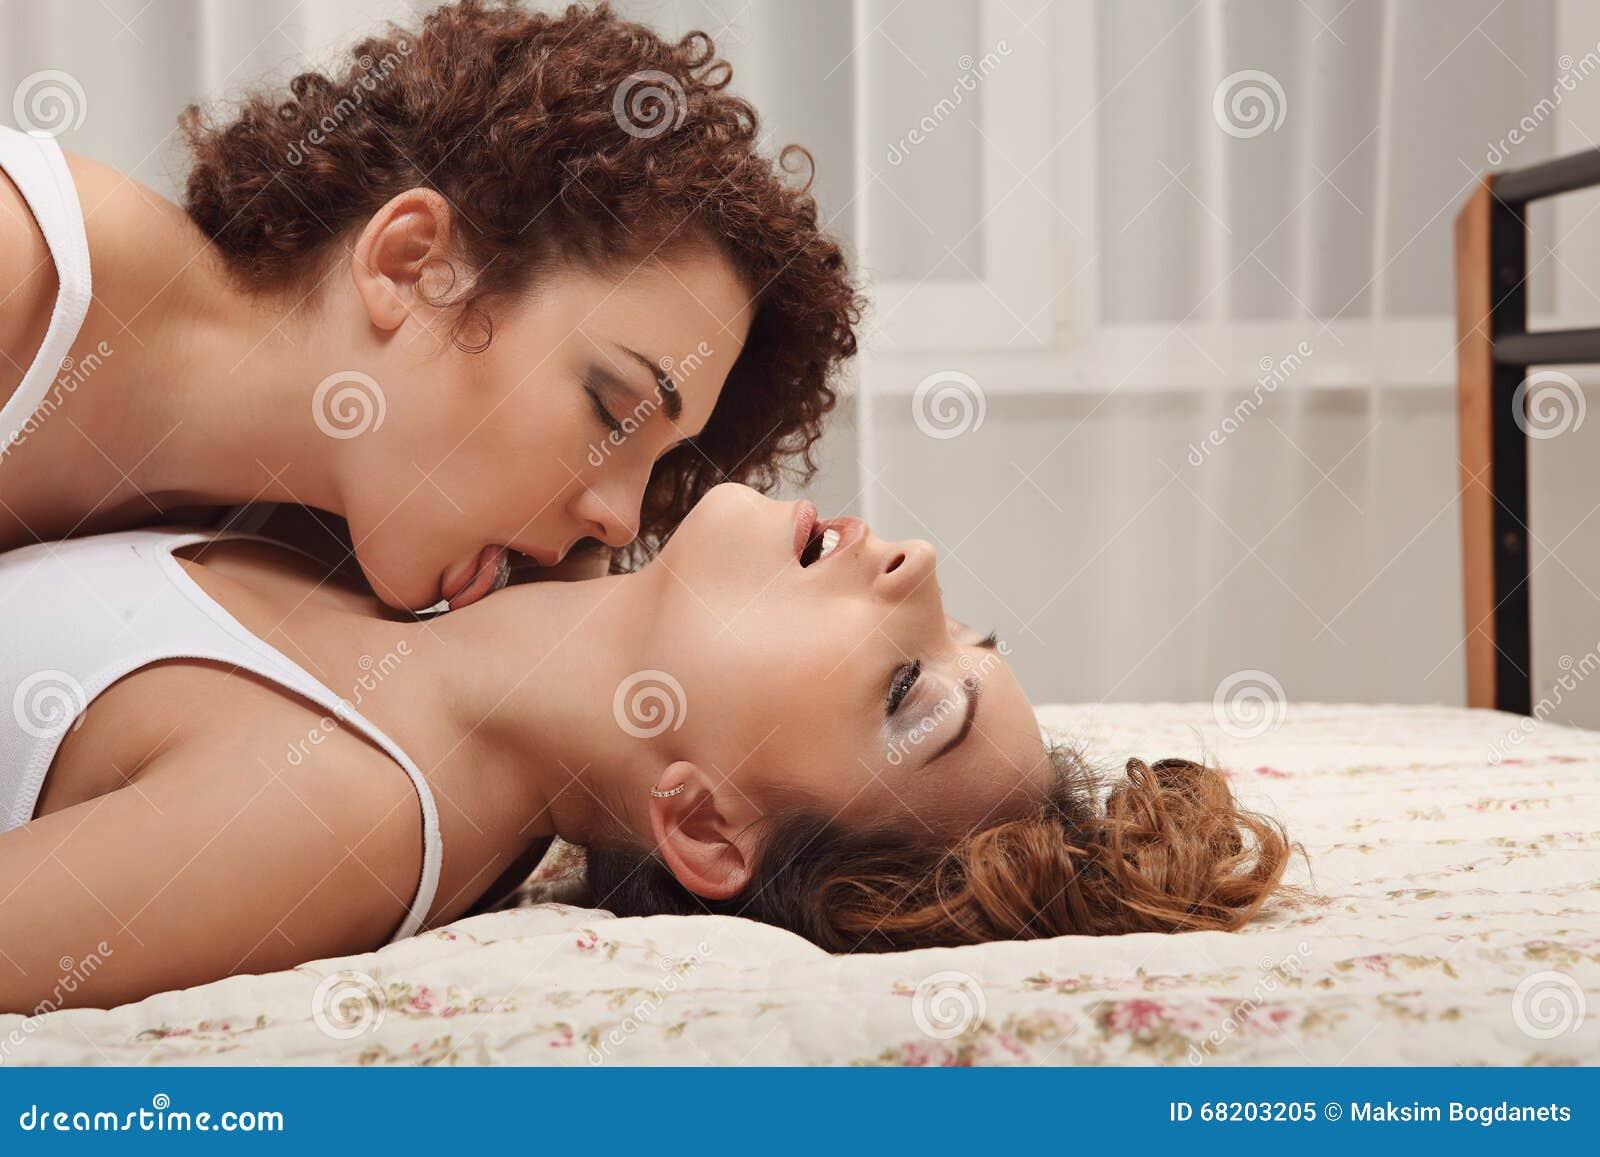 noir et blanc lesbiennes baisers ébène noir poussins